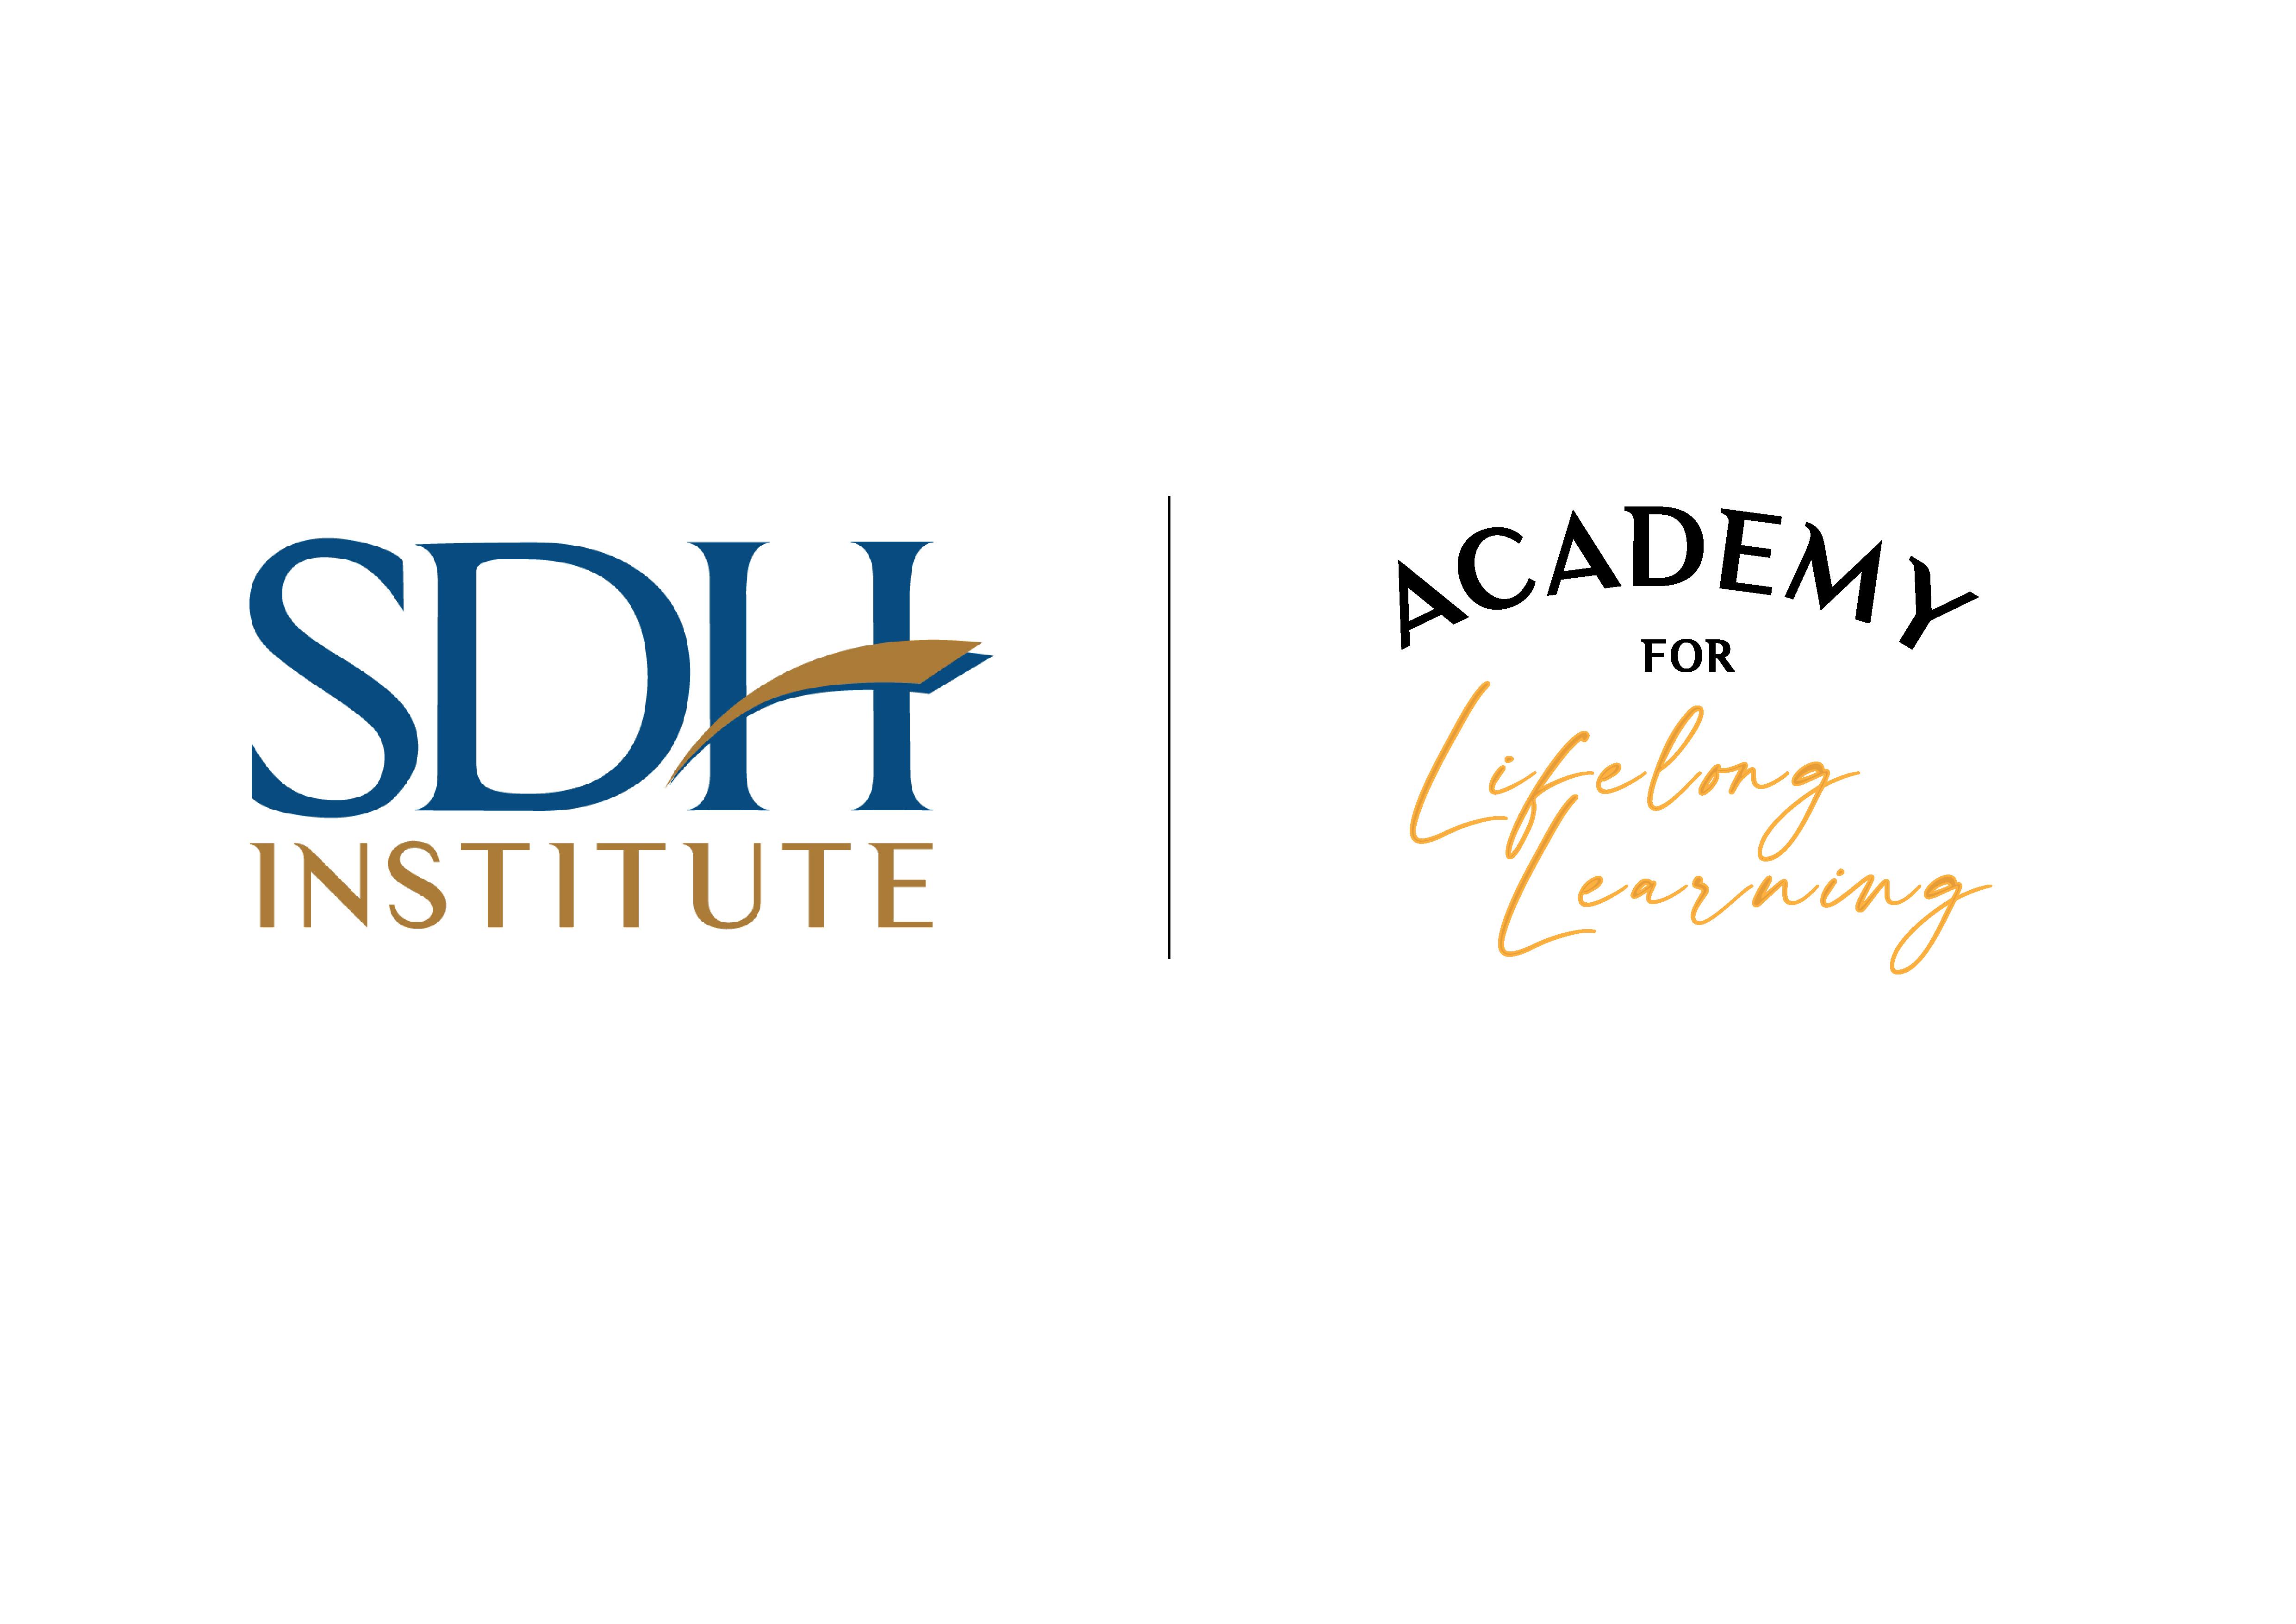 Academy Lifelong Learning logo